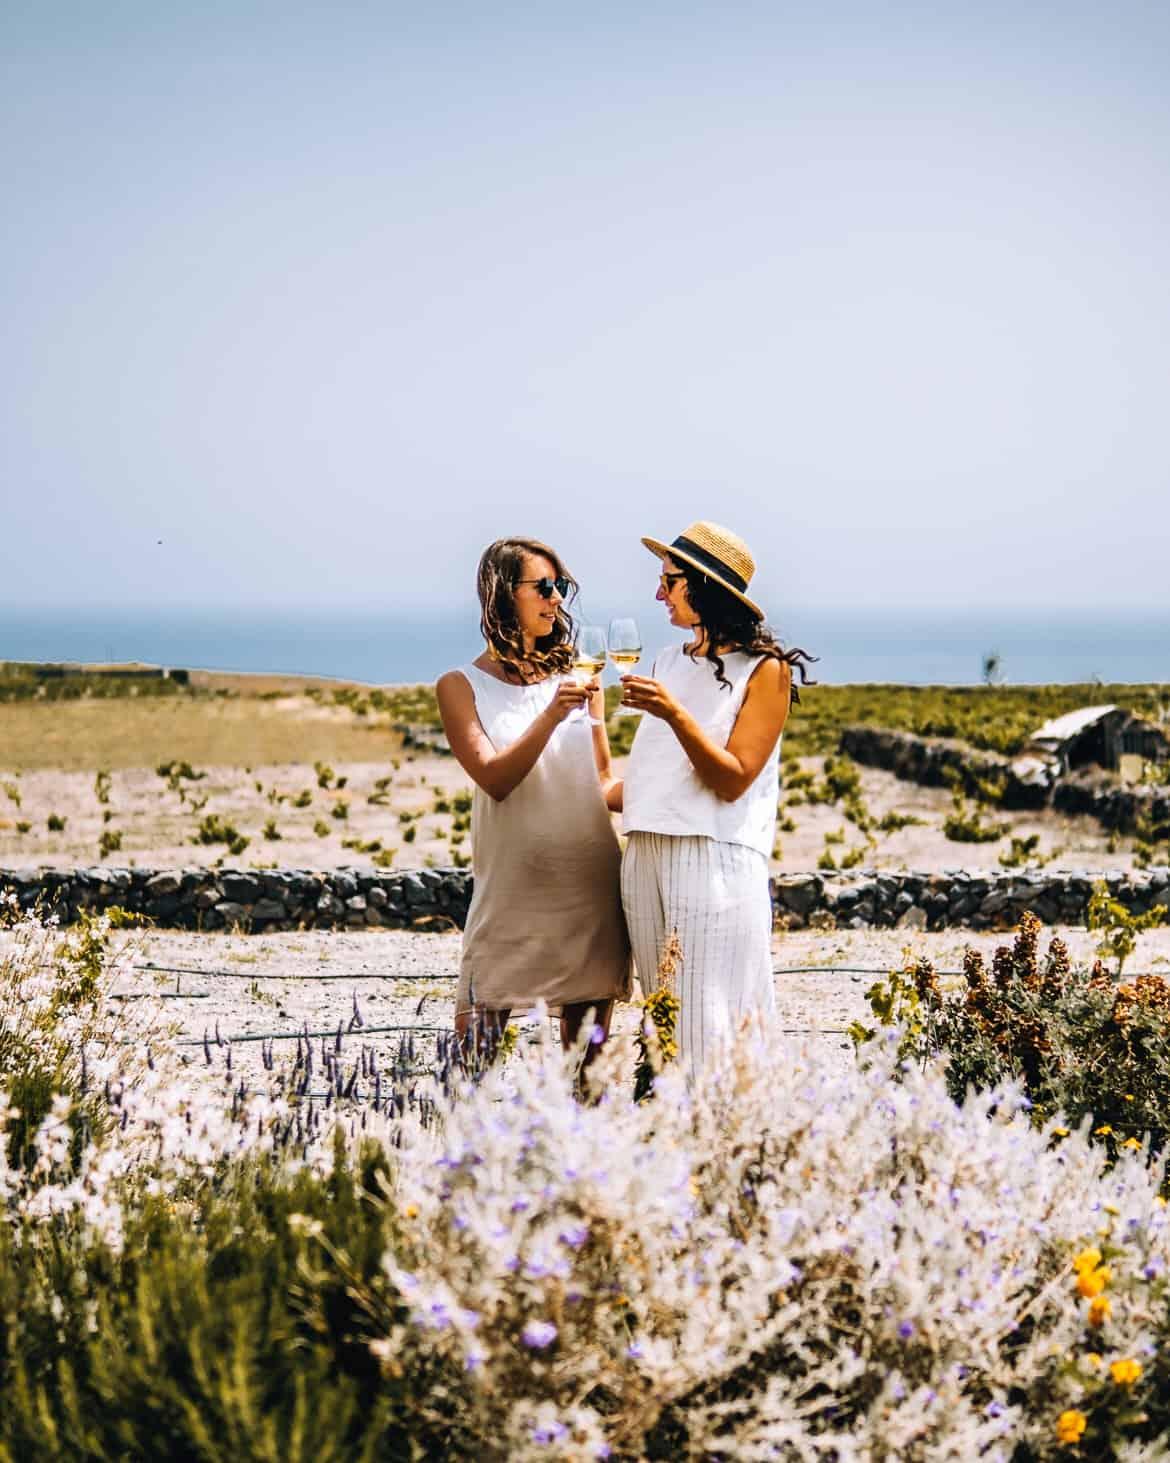 Santorini Travel Guide: Weinprobe in der Vassalitis Winery